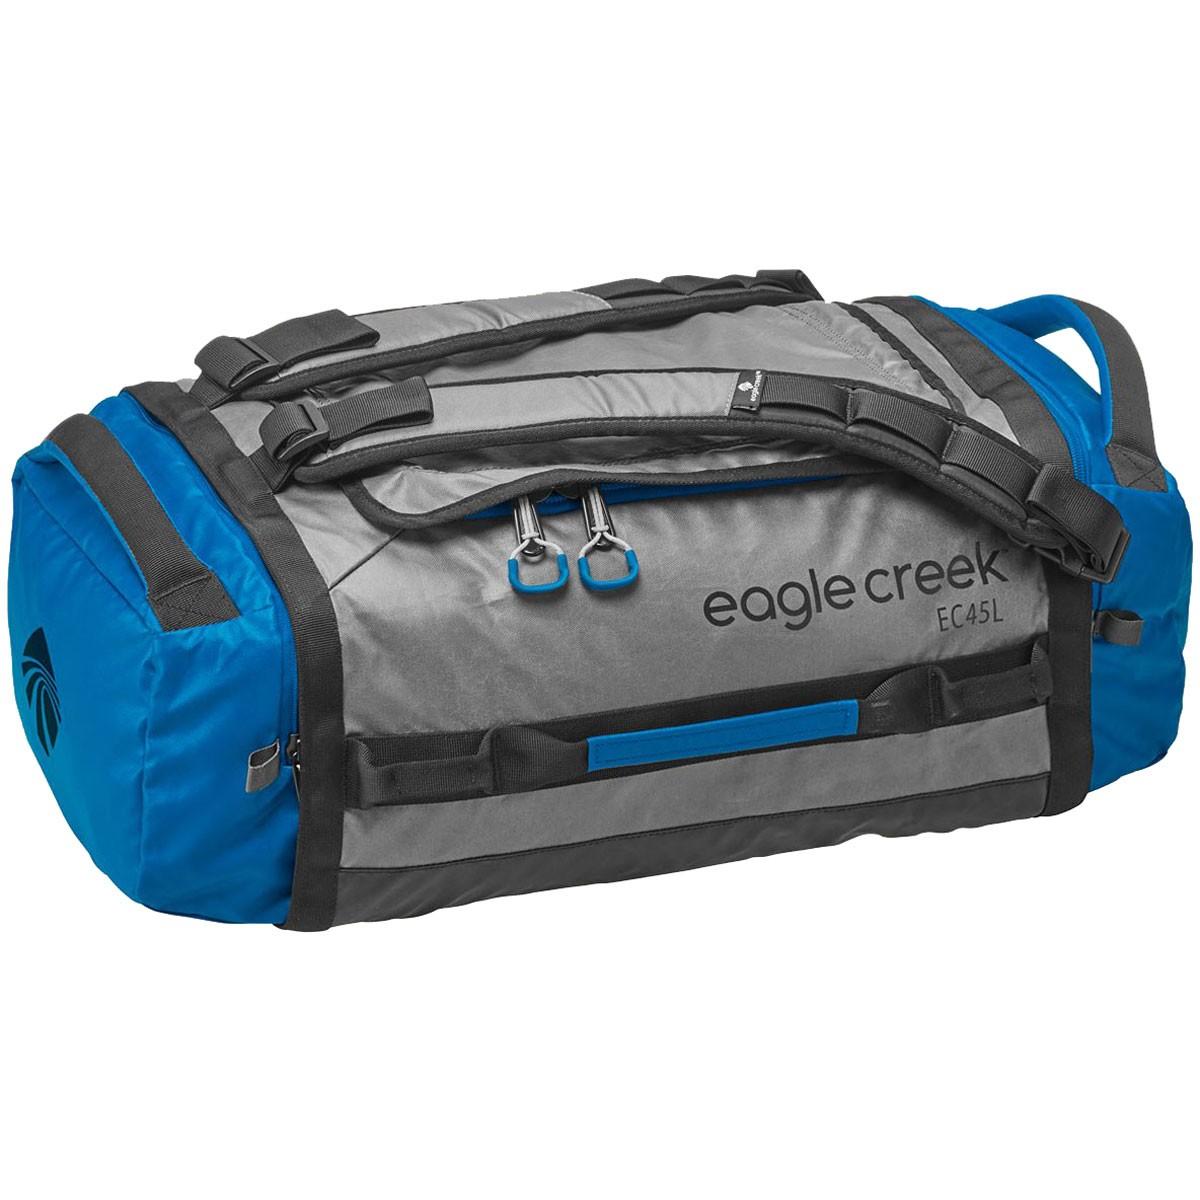 EAGLE CREEK - กระเป๋า Duffel รุ่น Hualer ไซส์ S สีเทาน้ำเงิน ความจุ 45 ลิตร